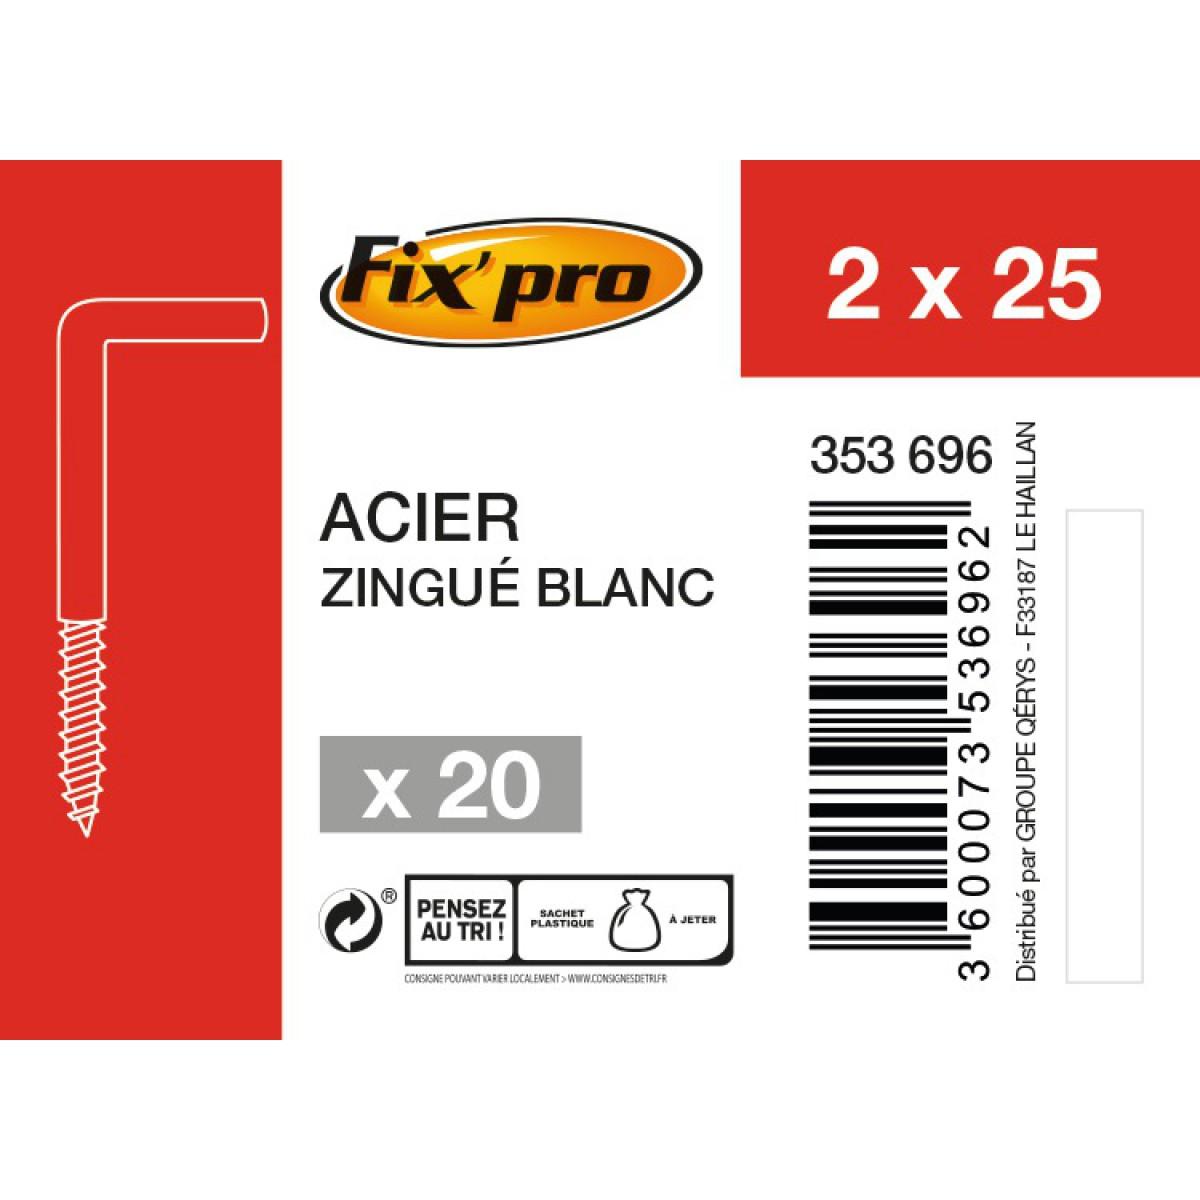 Gond à vis acier zingué - 2x25 - 20pces - Fixpro